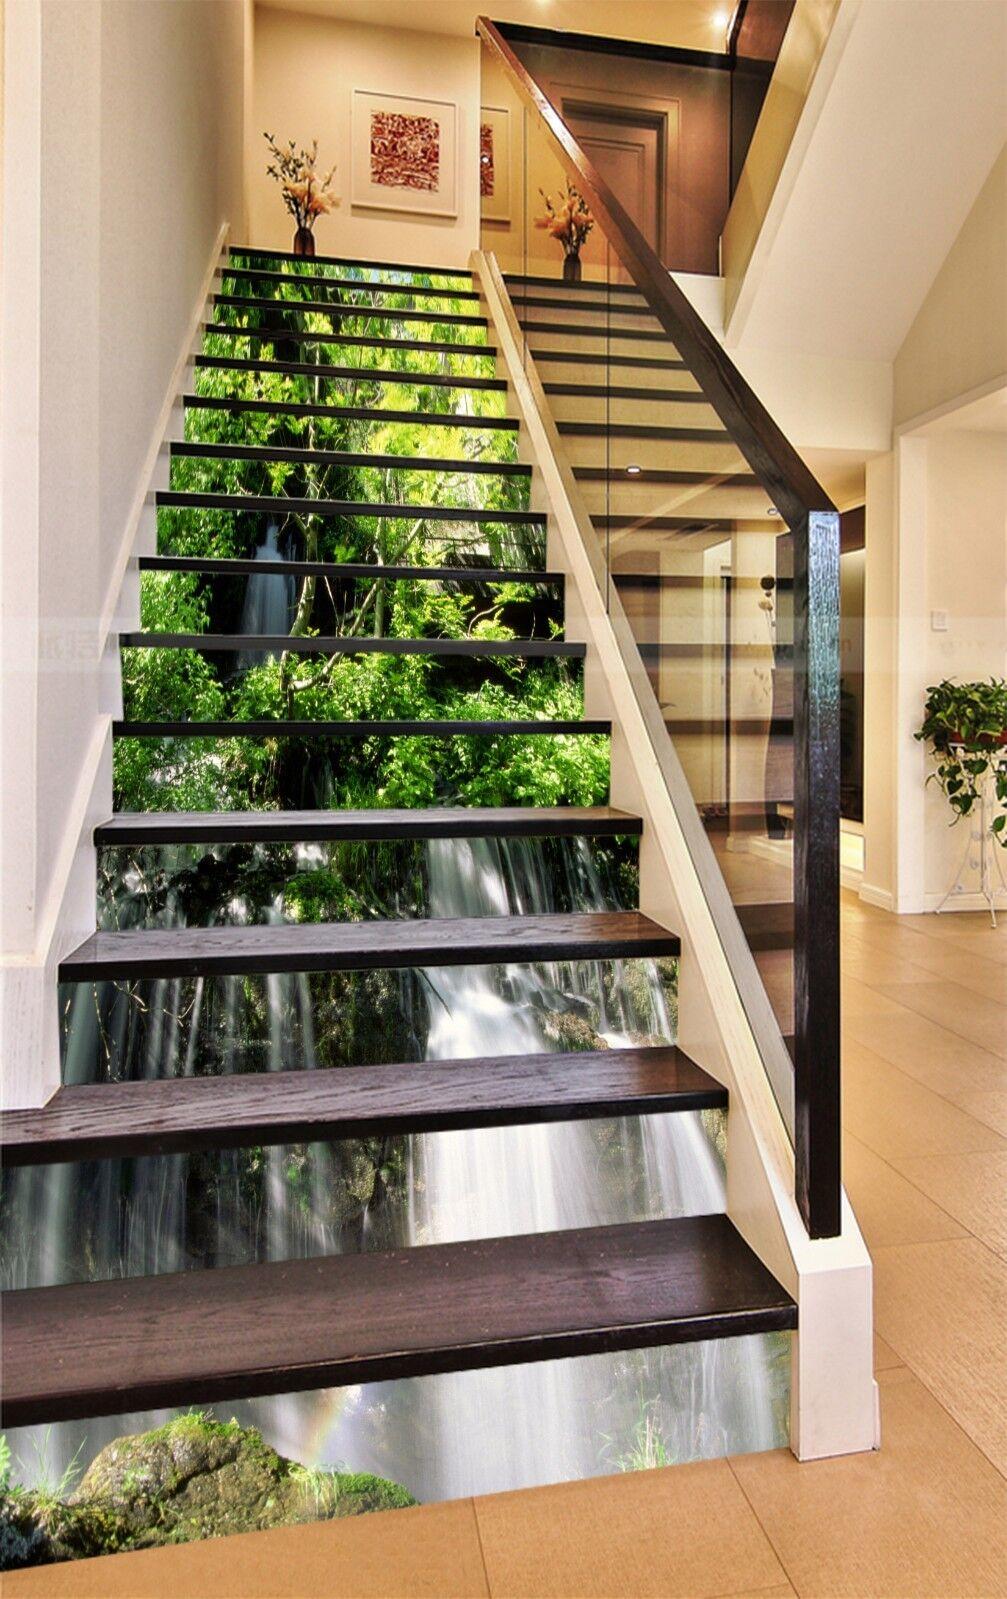 3d Cascade 1321 Stair Risers Décoration Papier Peint Vinyle Autocollant Papier Peint De